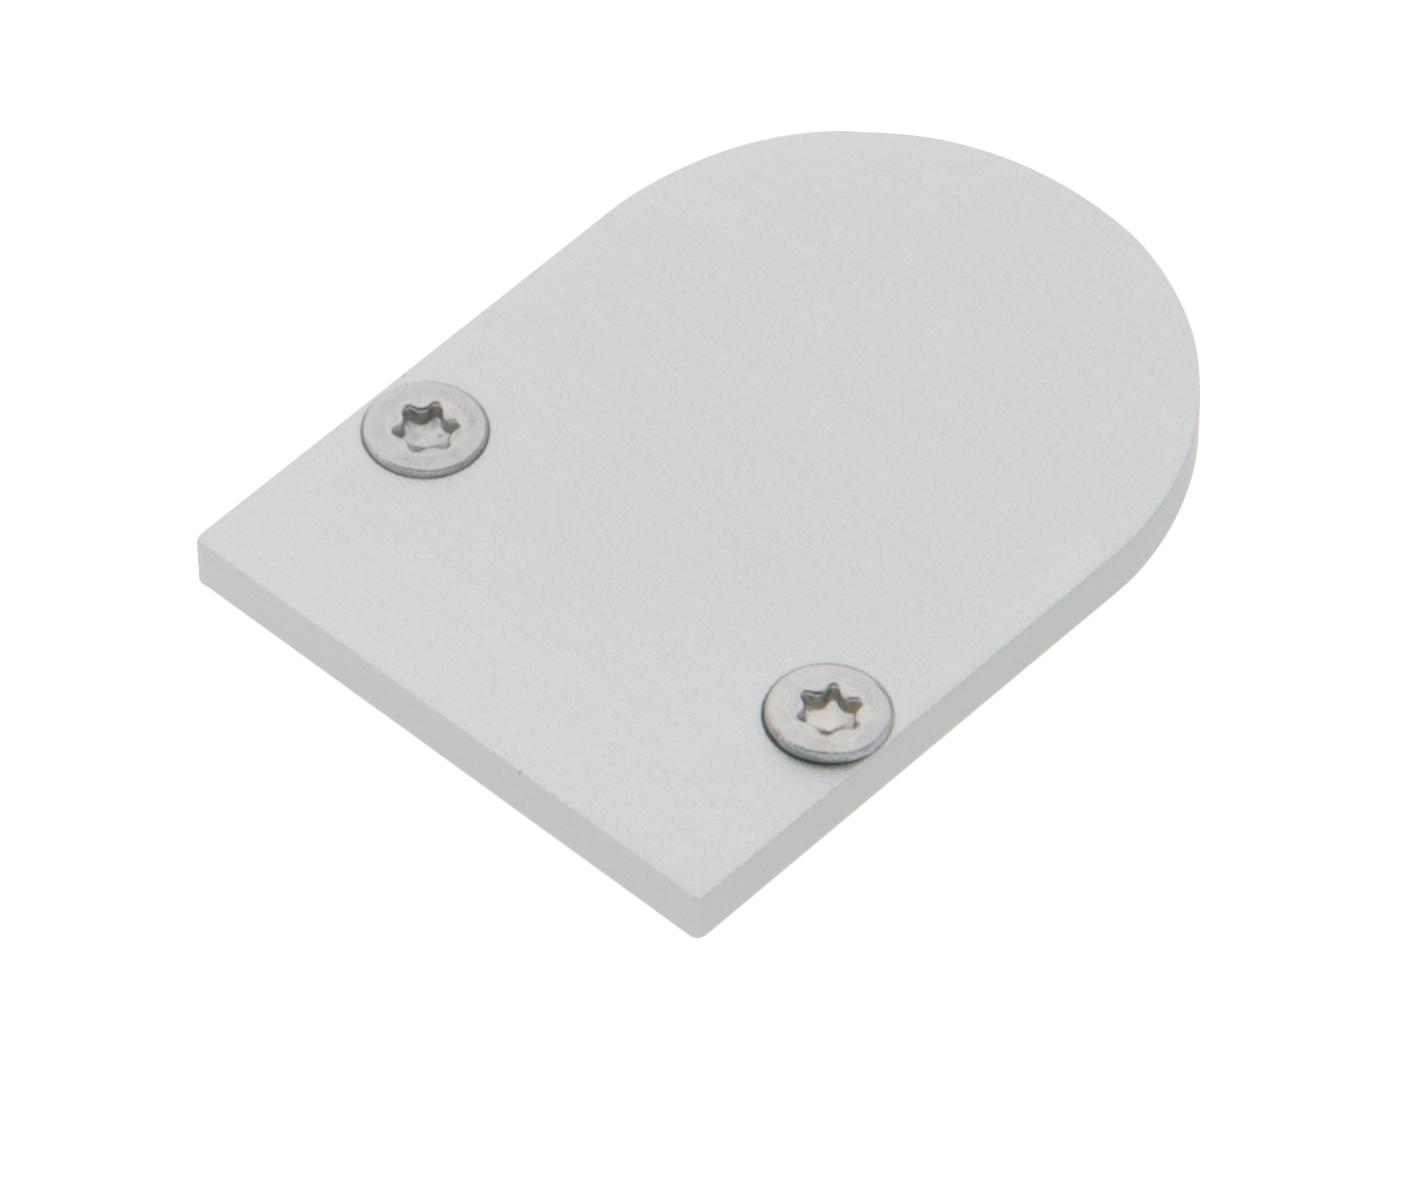 1 Stk Profil Endkappe TBL Rund geschlossen inkl. Schrauben LIEK002810